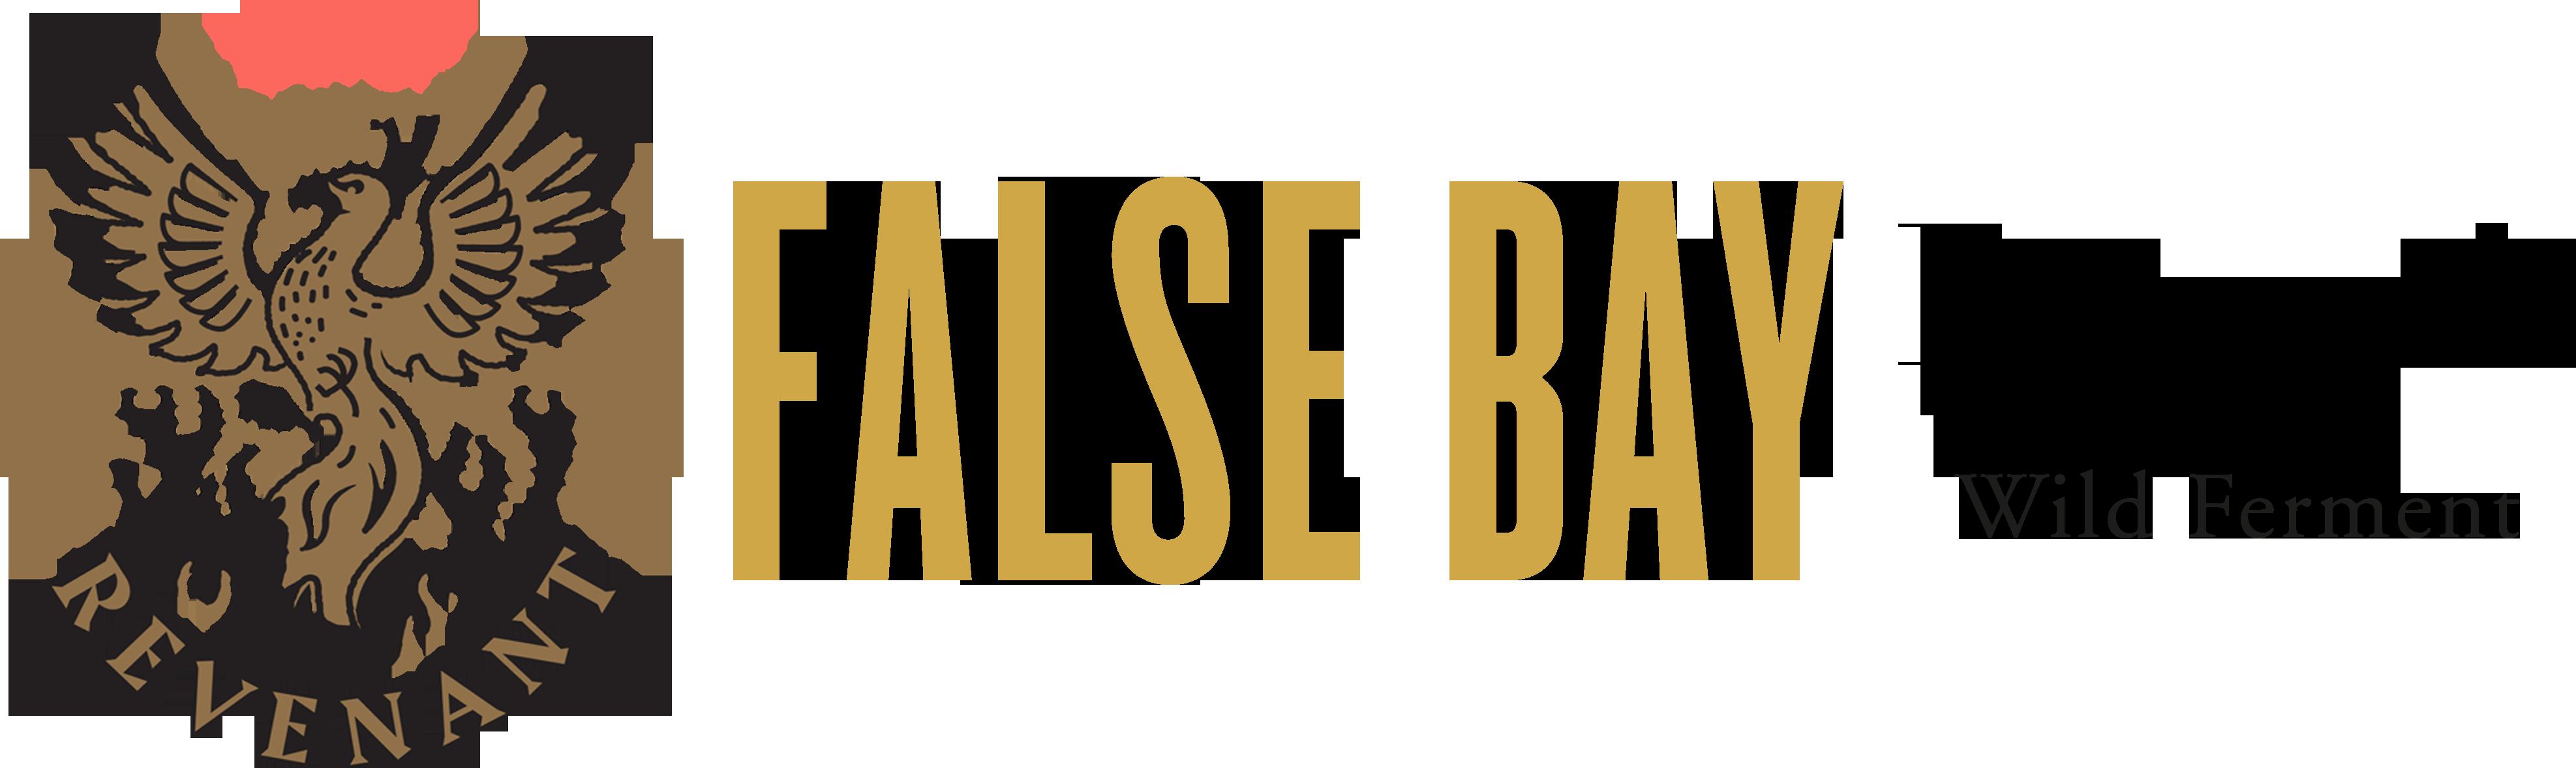 False Bay Winery